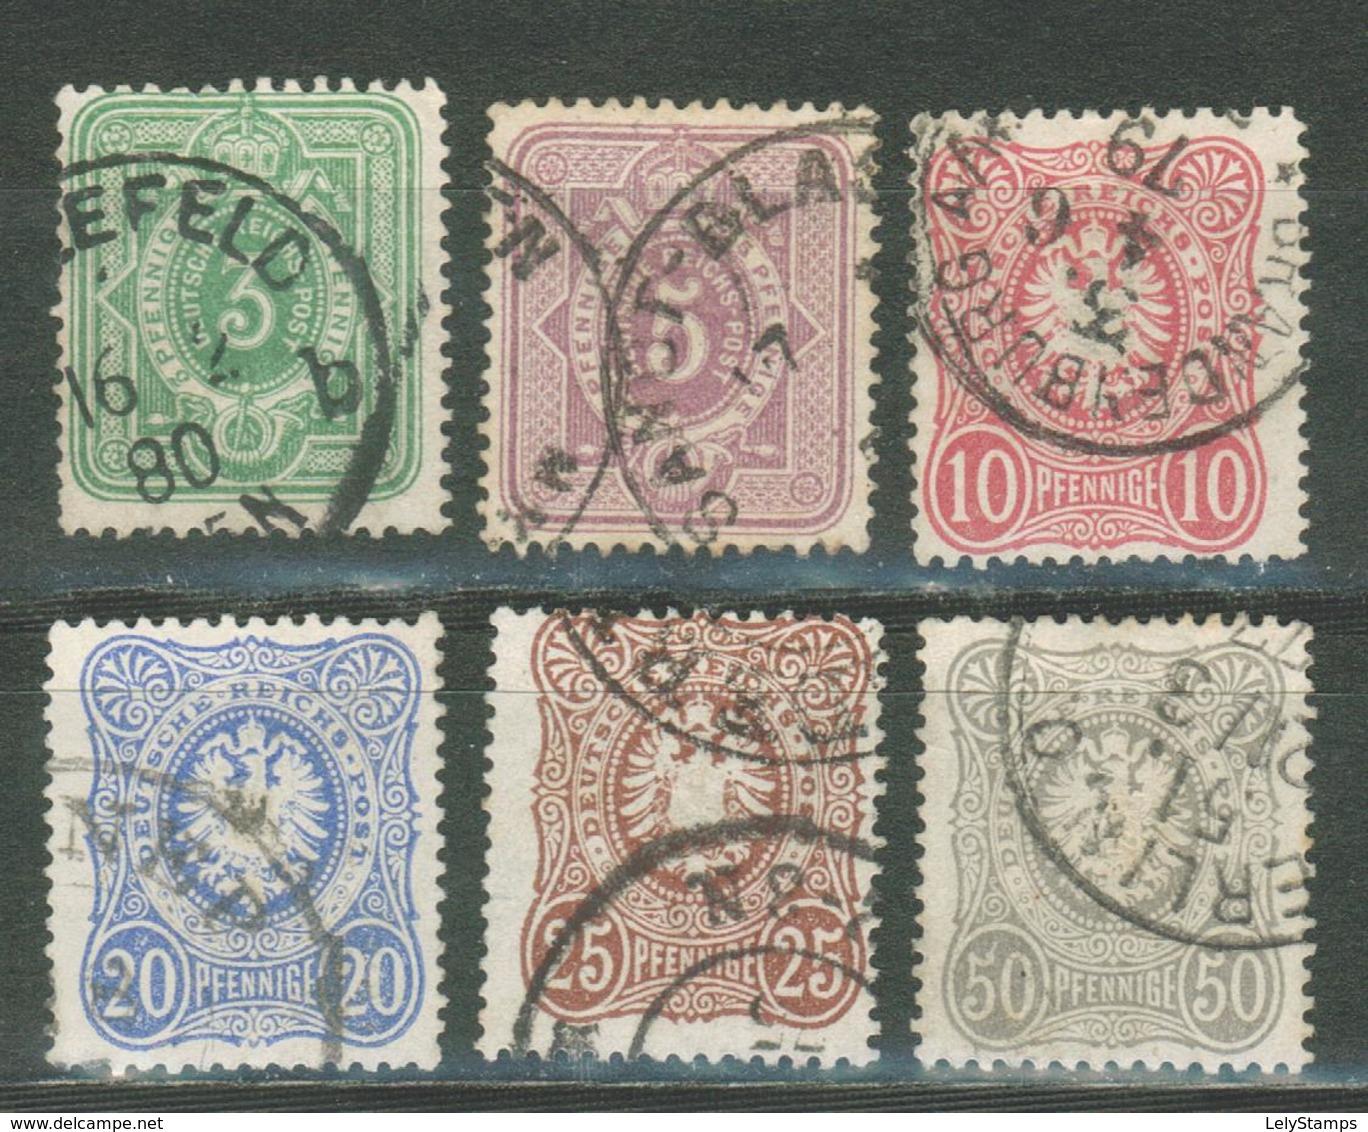 """Duitse Rijk / Deutsches Reich DR 31 - 36 Used O (1875) """"Pfennige"""" - Gebraucht"""